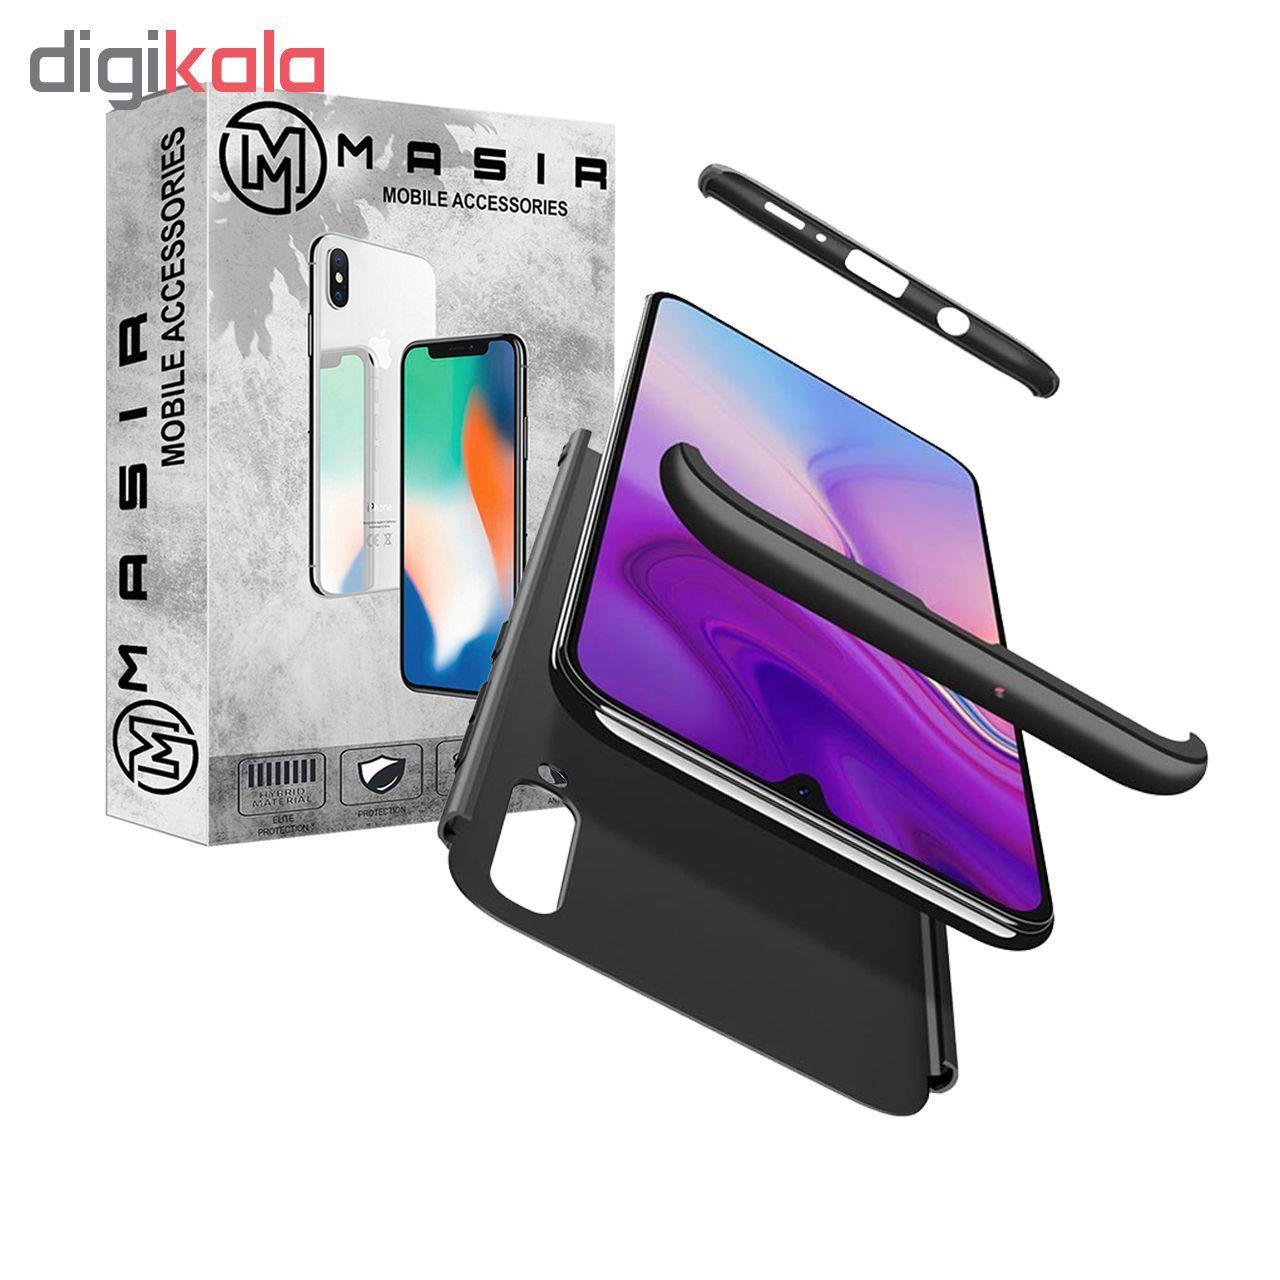 کاور 360 درجه مسیر مدل MGKS6-MGF-1 مناسب برای گوشی موبایل سامسونگ Galaxy A50 به همراه محافظ صفحه نمایش main 1 4